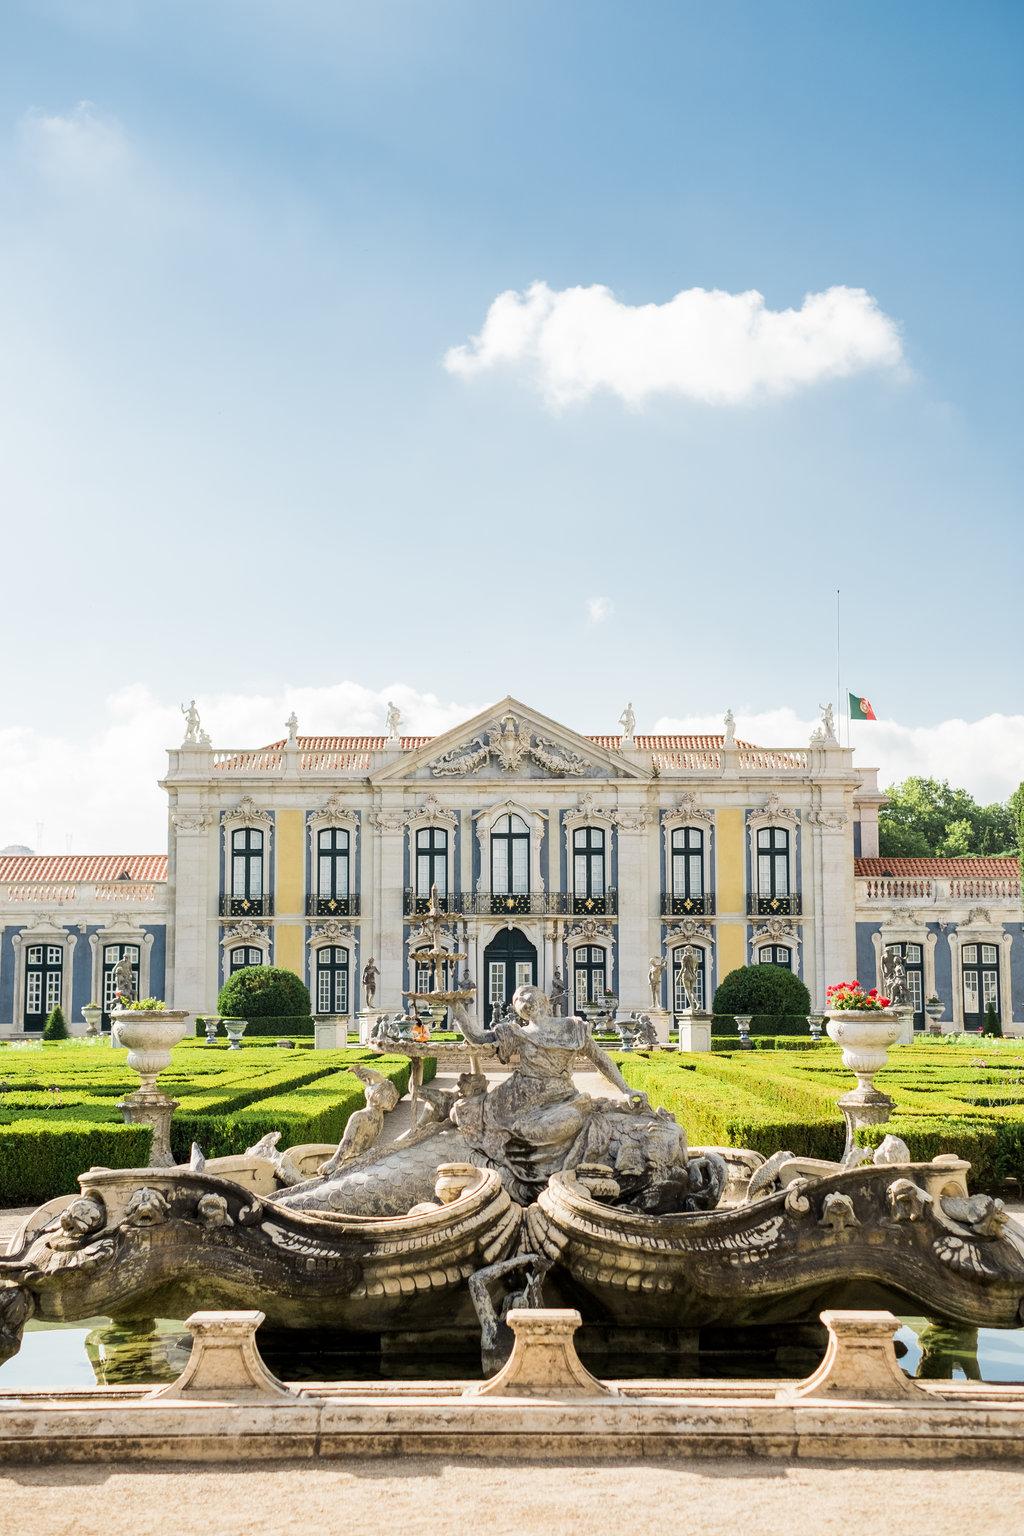 Wedding Invitation Timeline Portuguese palace for inspiration for a wedding invitation suite